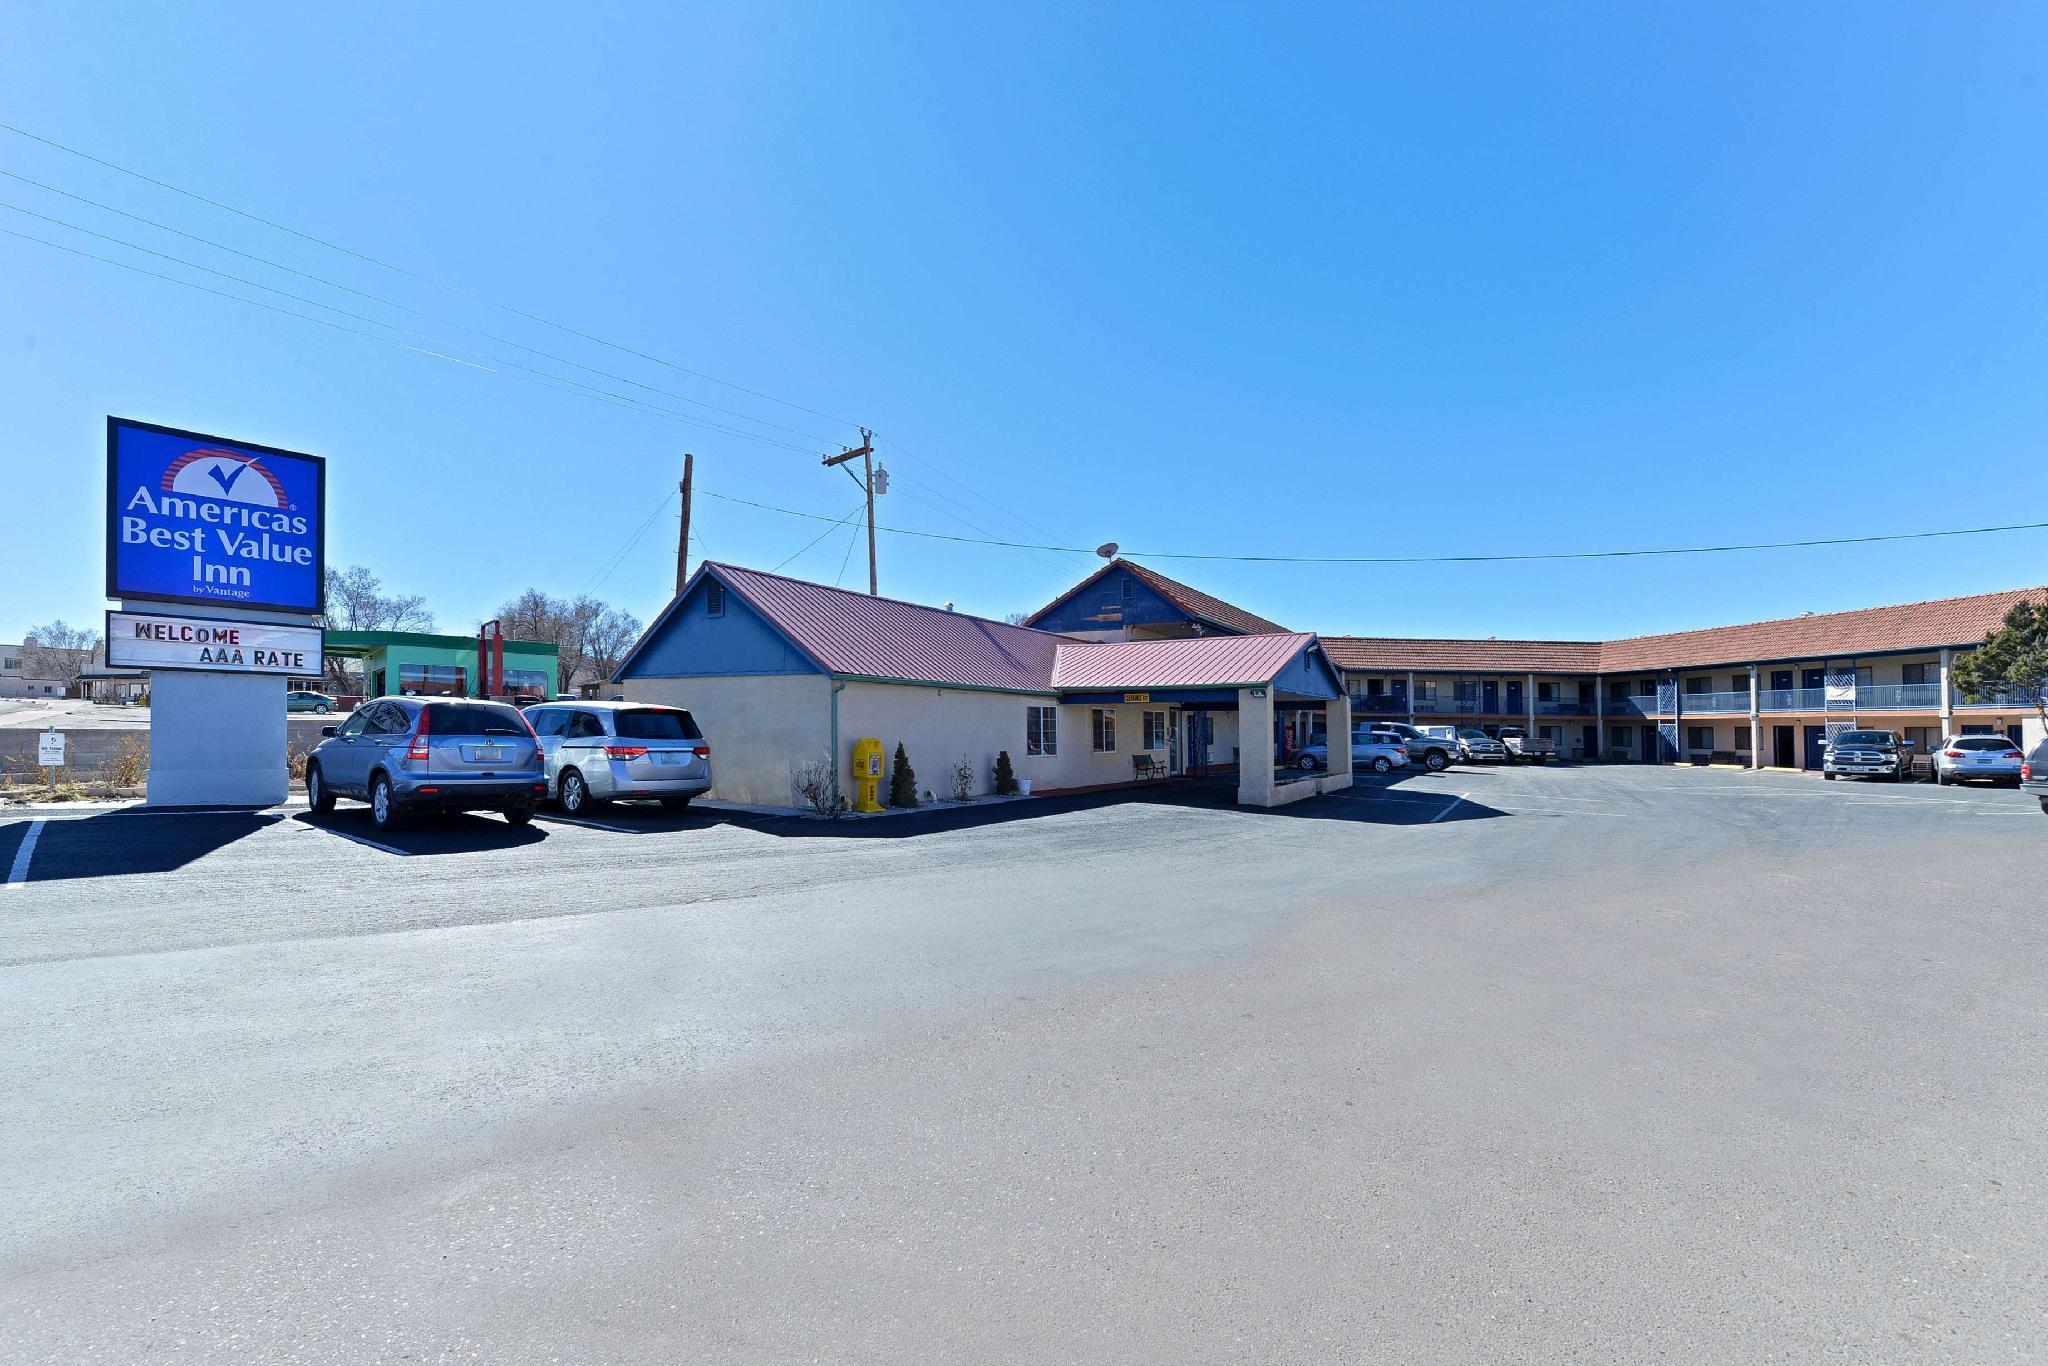 Americas Best Value Inn  - Springerville, AZ, Apache